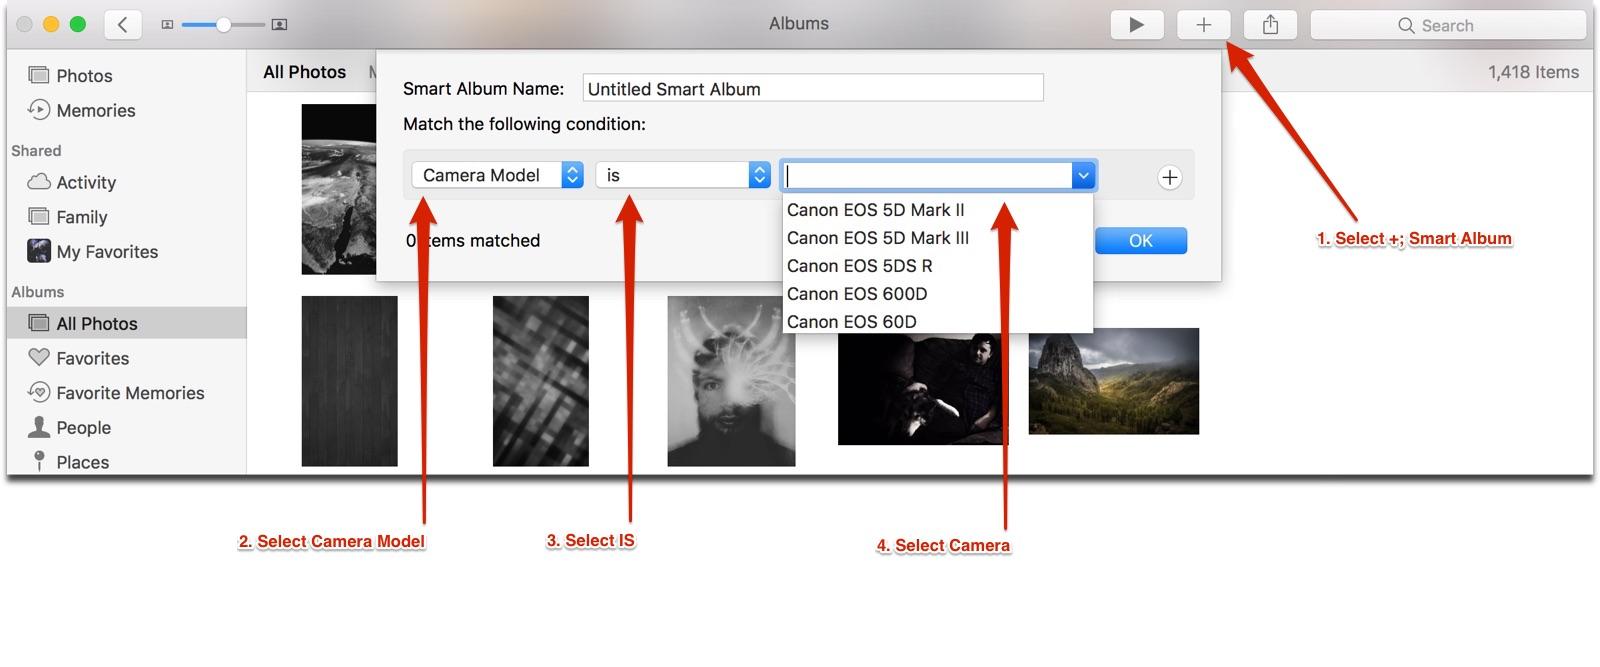 smart album options in apple photos